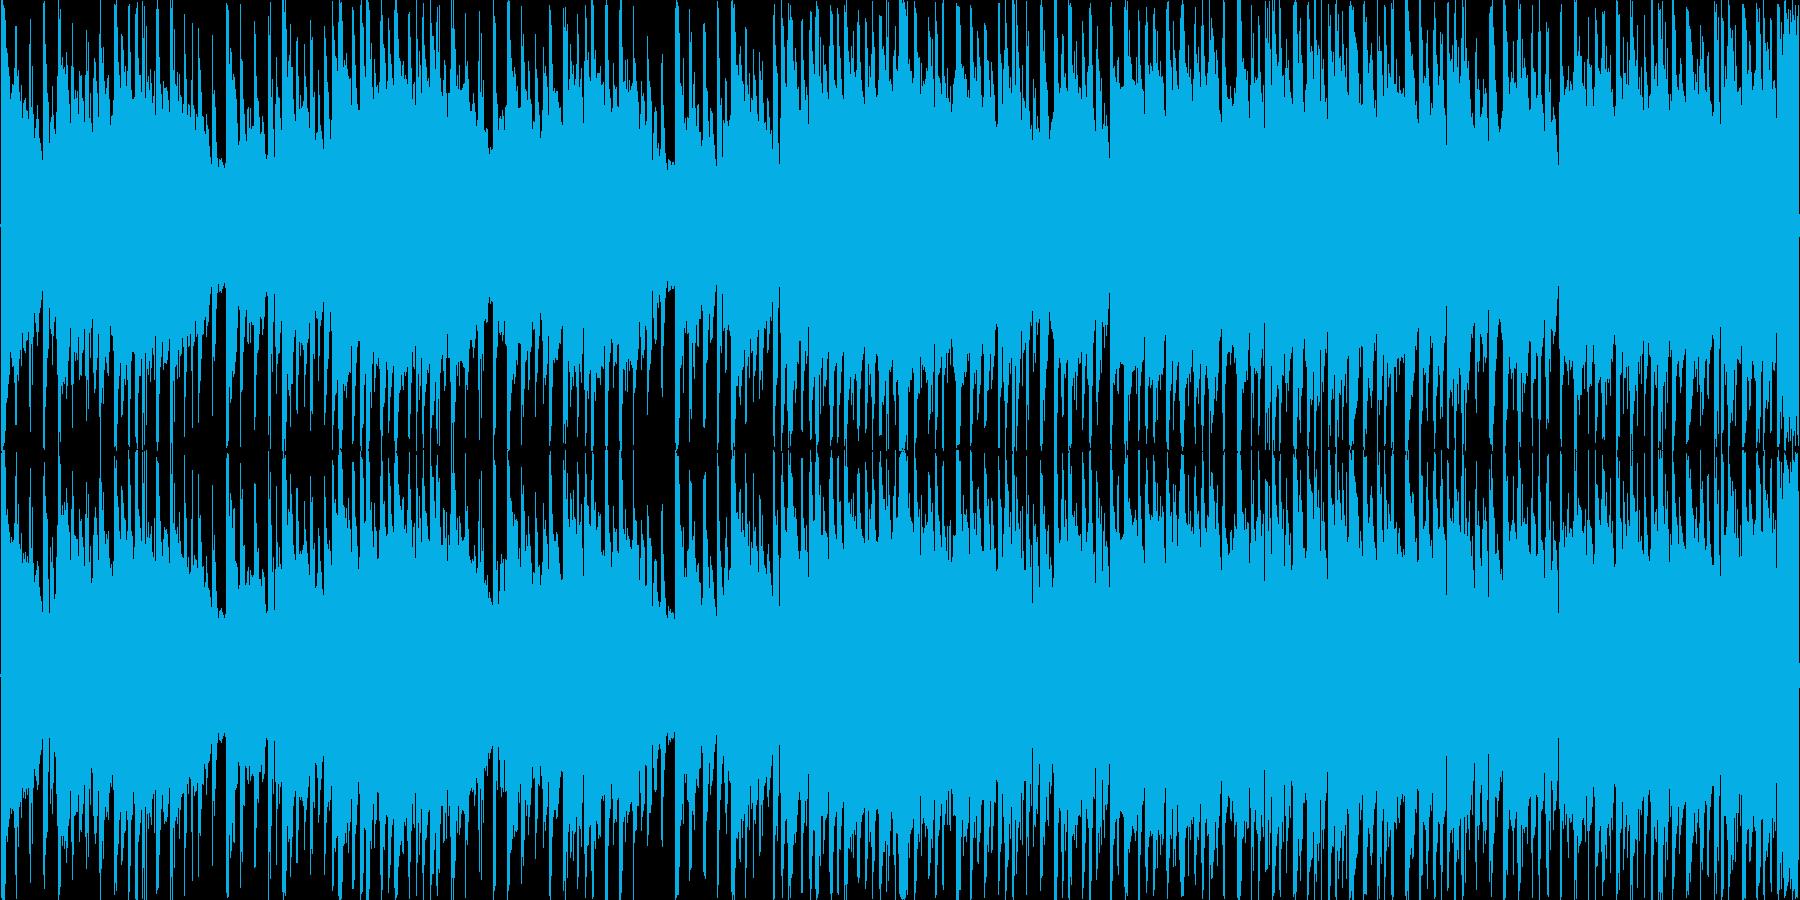 8bitチューンのRPG戦闘用楽曲1の再生済みの波形